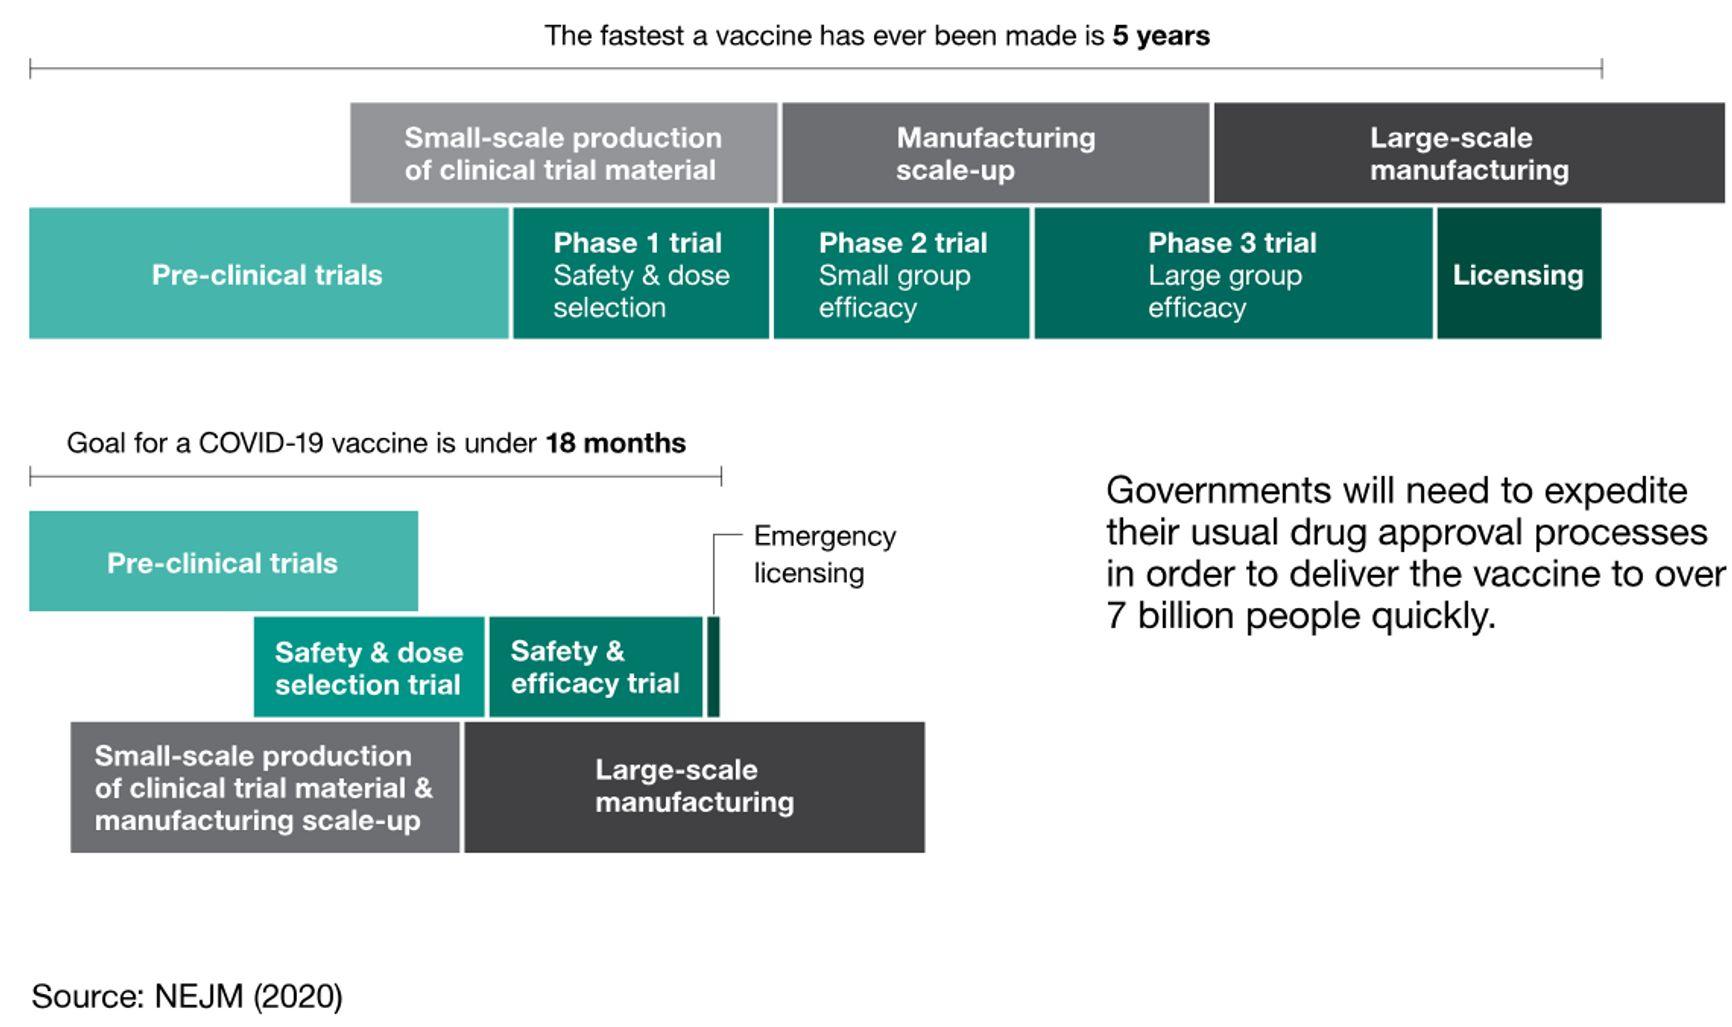 Обычный процесс разработки вакцин (вверху, минимальный срок 5 лет) и во время пандемии коронавируса (внизу, срок 18 месяцев).